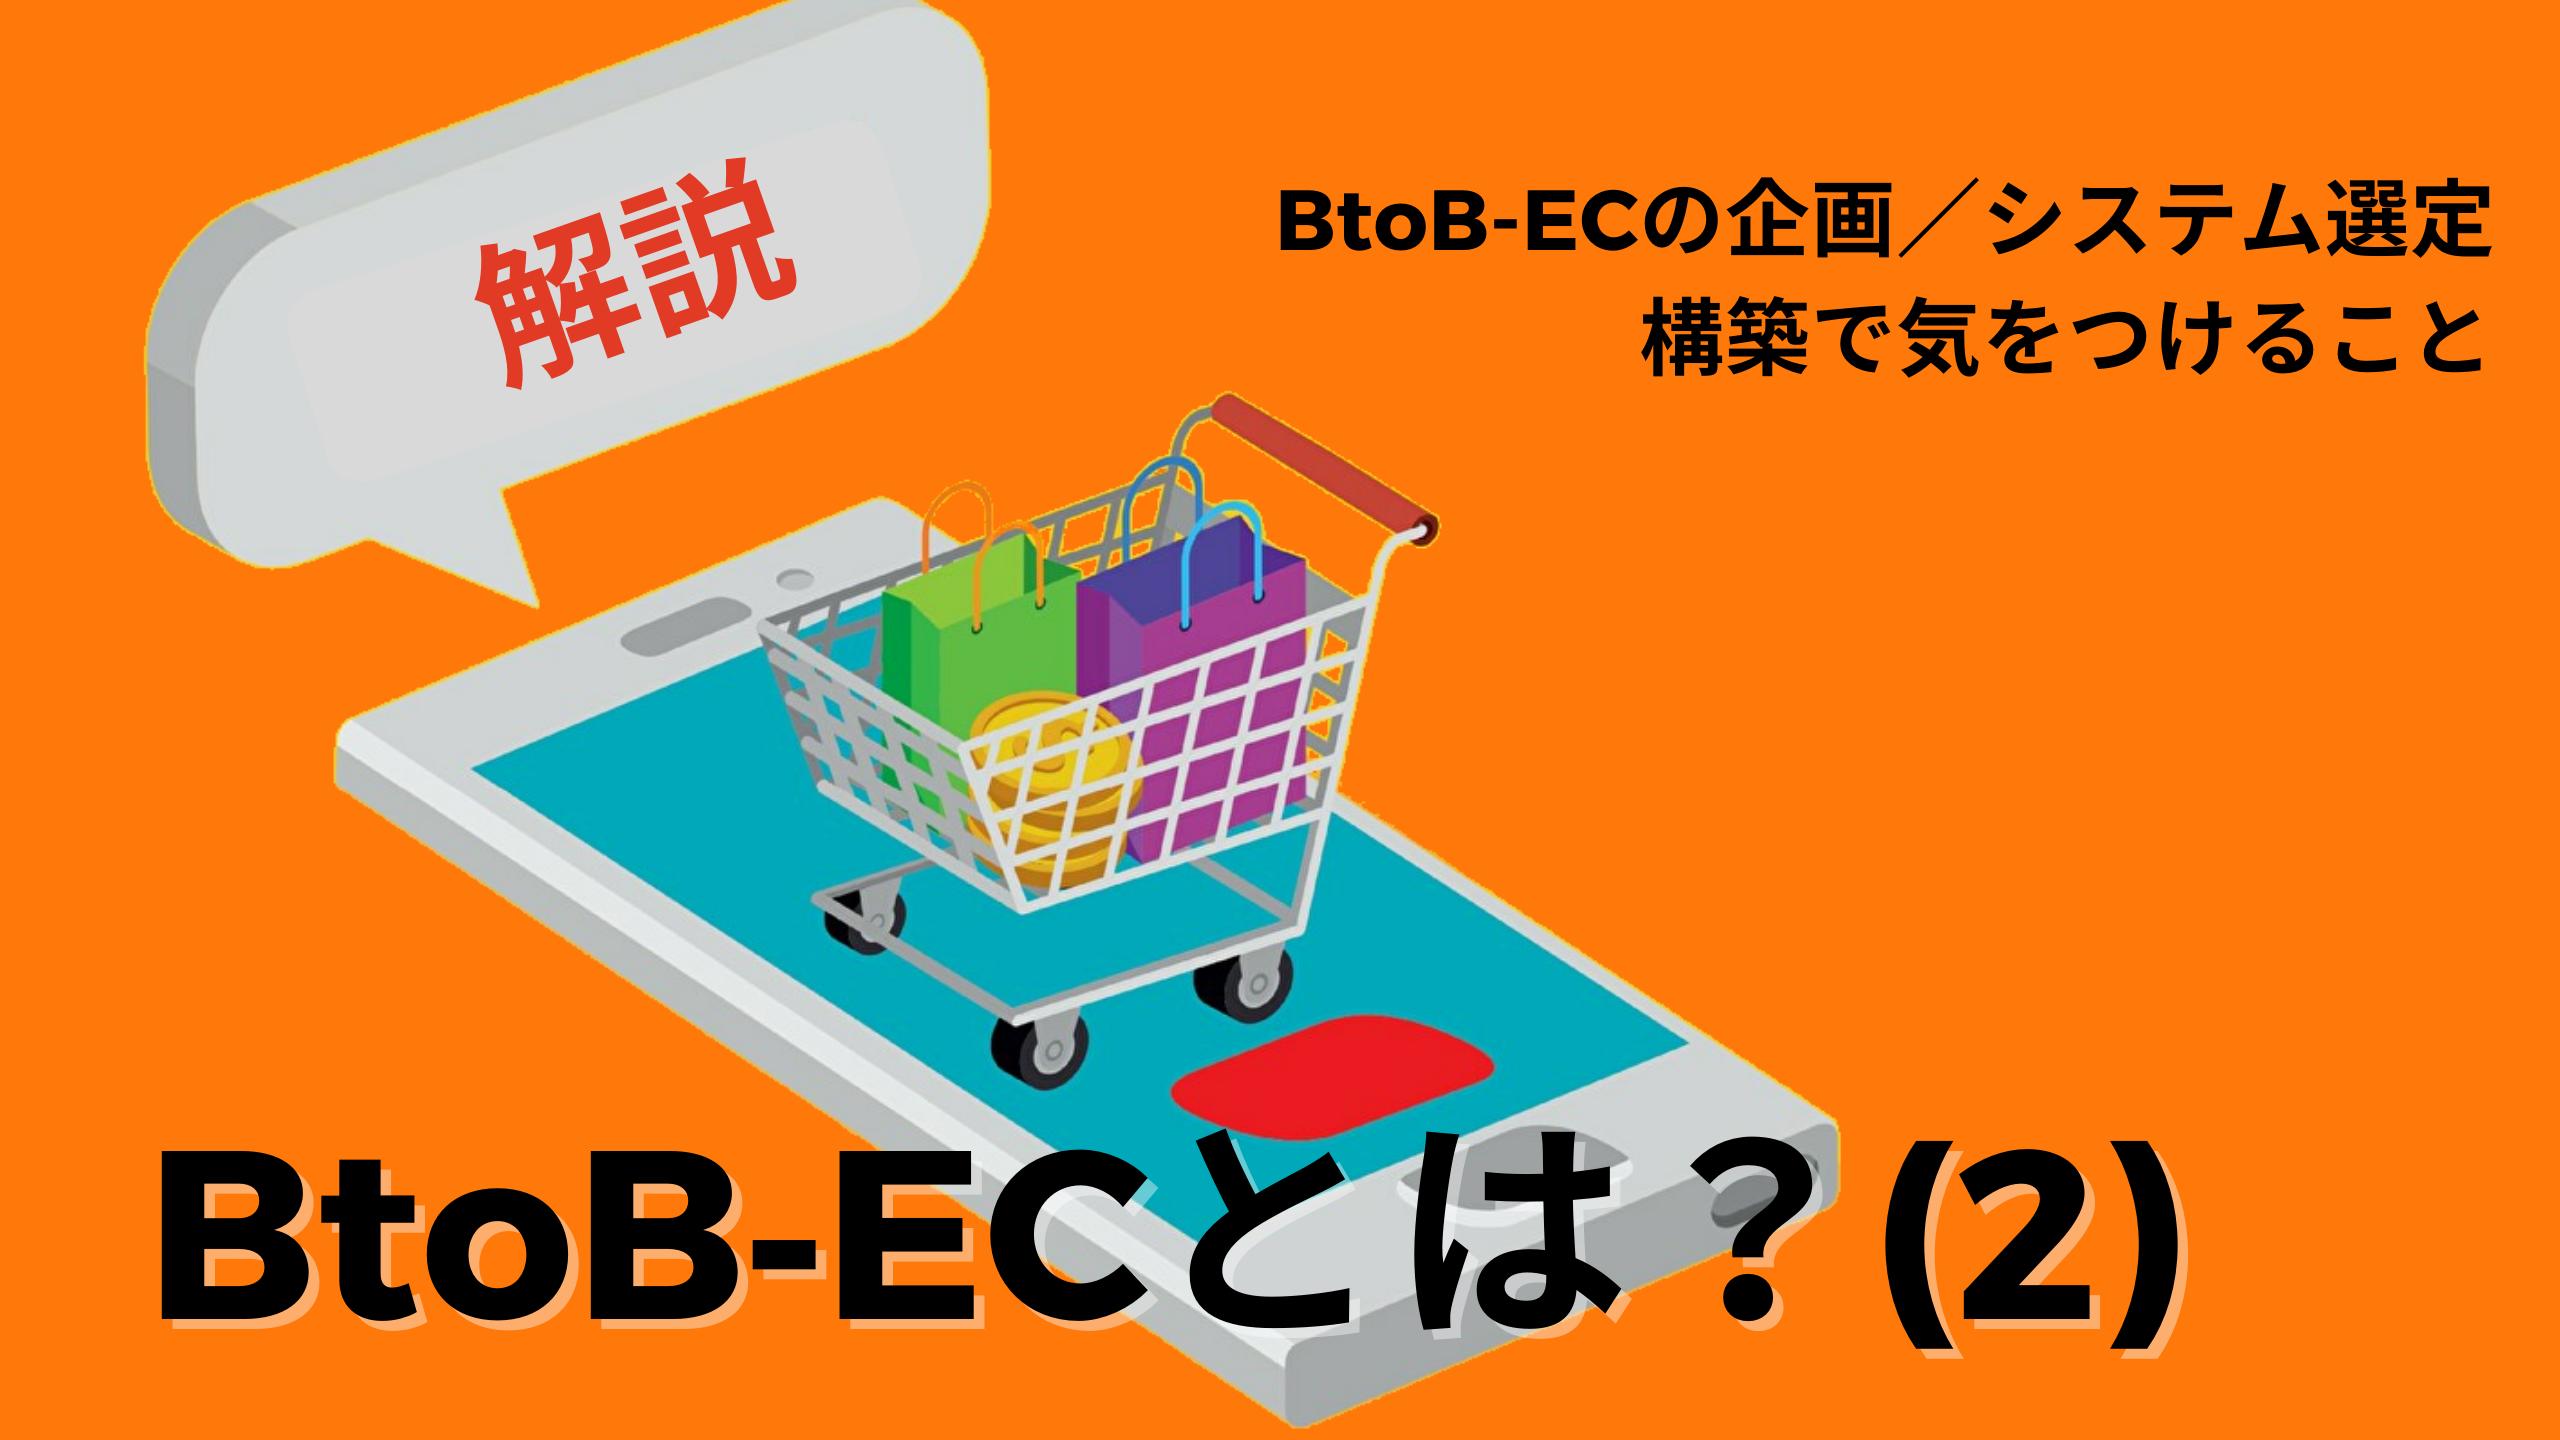 【解説】BtoB-EC(2):企画&システム選定・構築で気をつけること